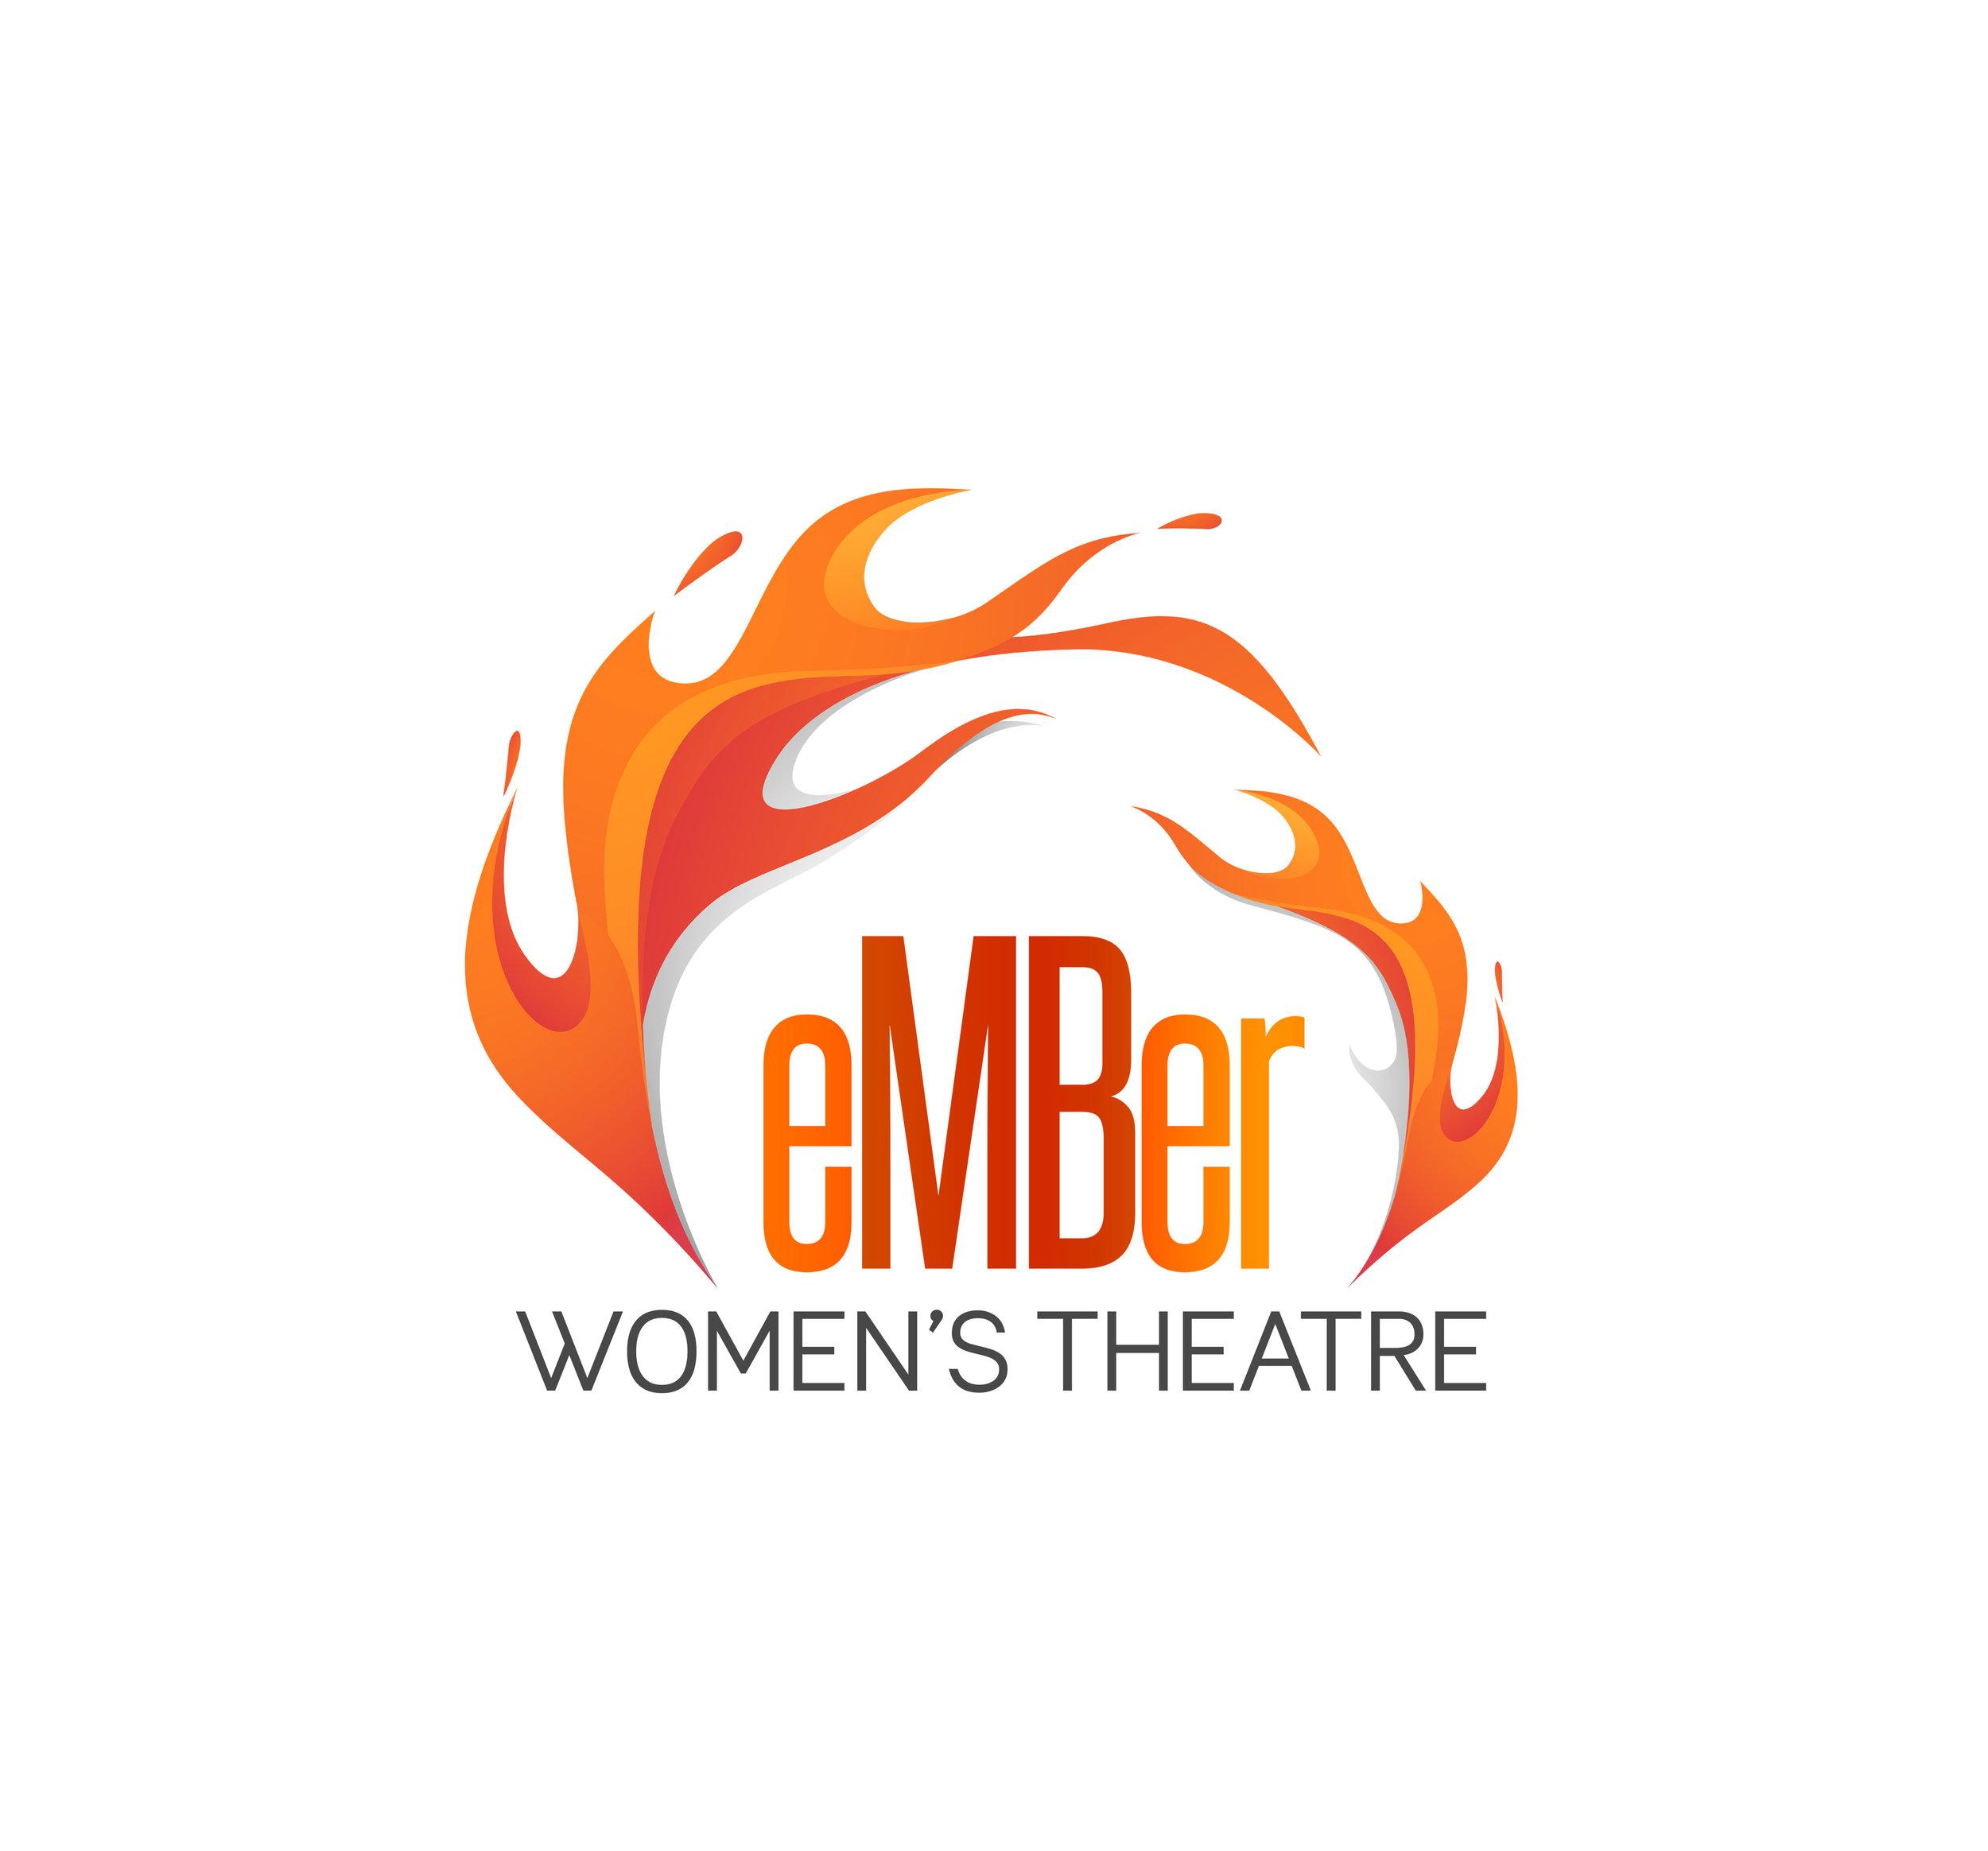 eMBer_wt_logo.jpg